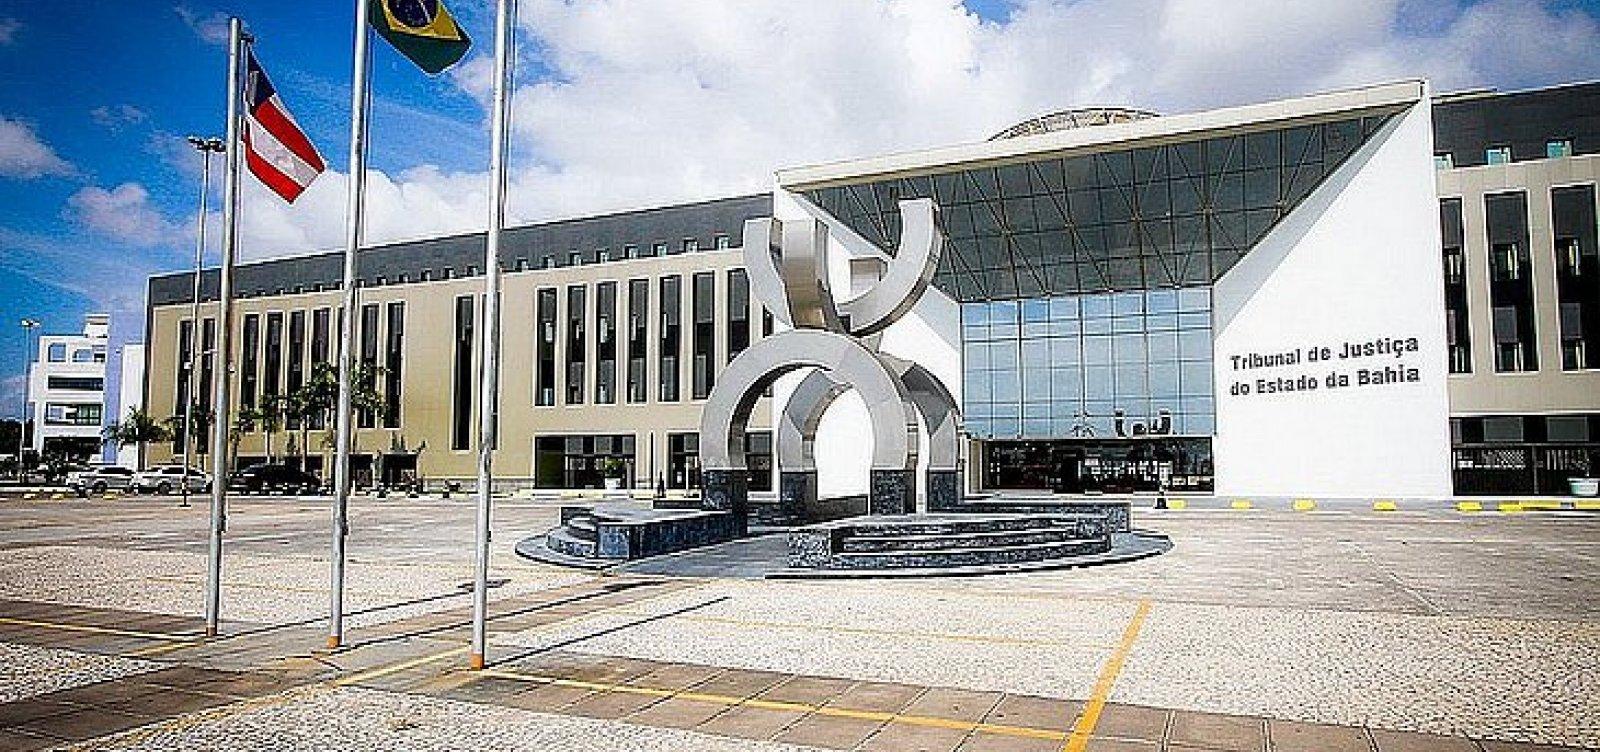 Faroeste: Homem é preso suspeito de cobrar propina para juiz preso pela operação desde o ano passado